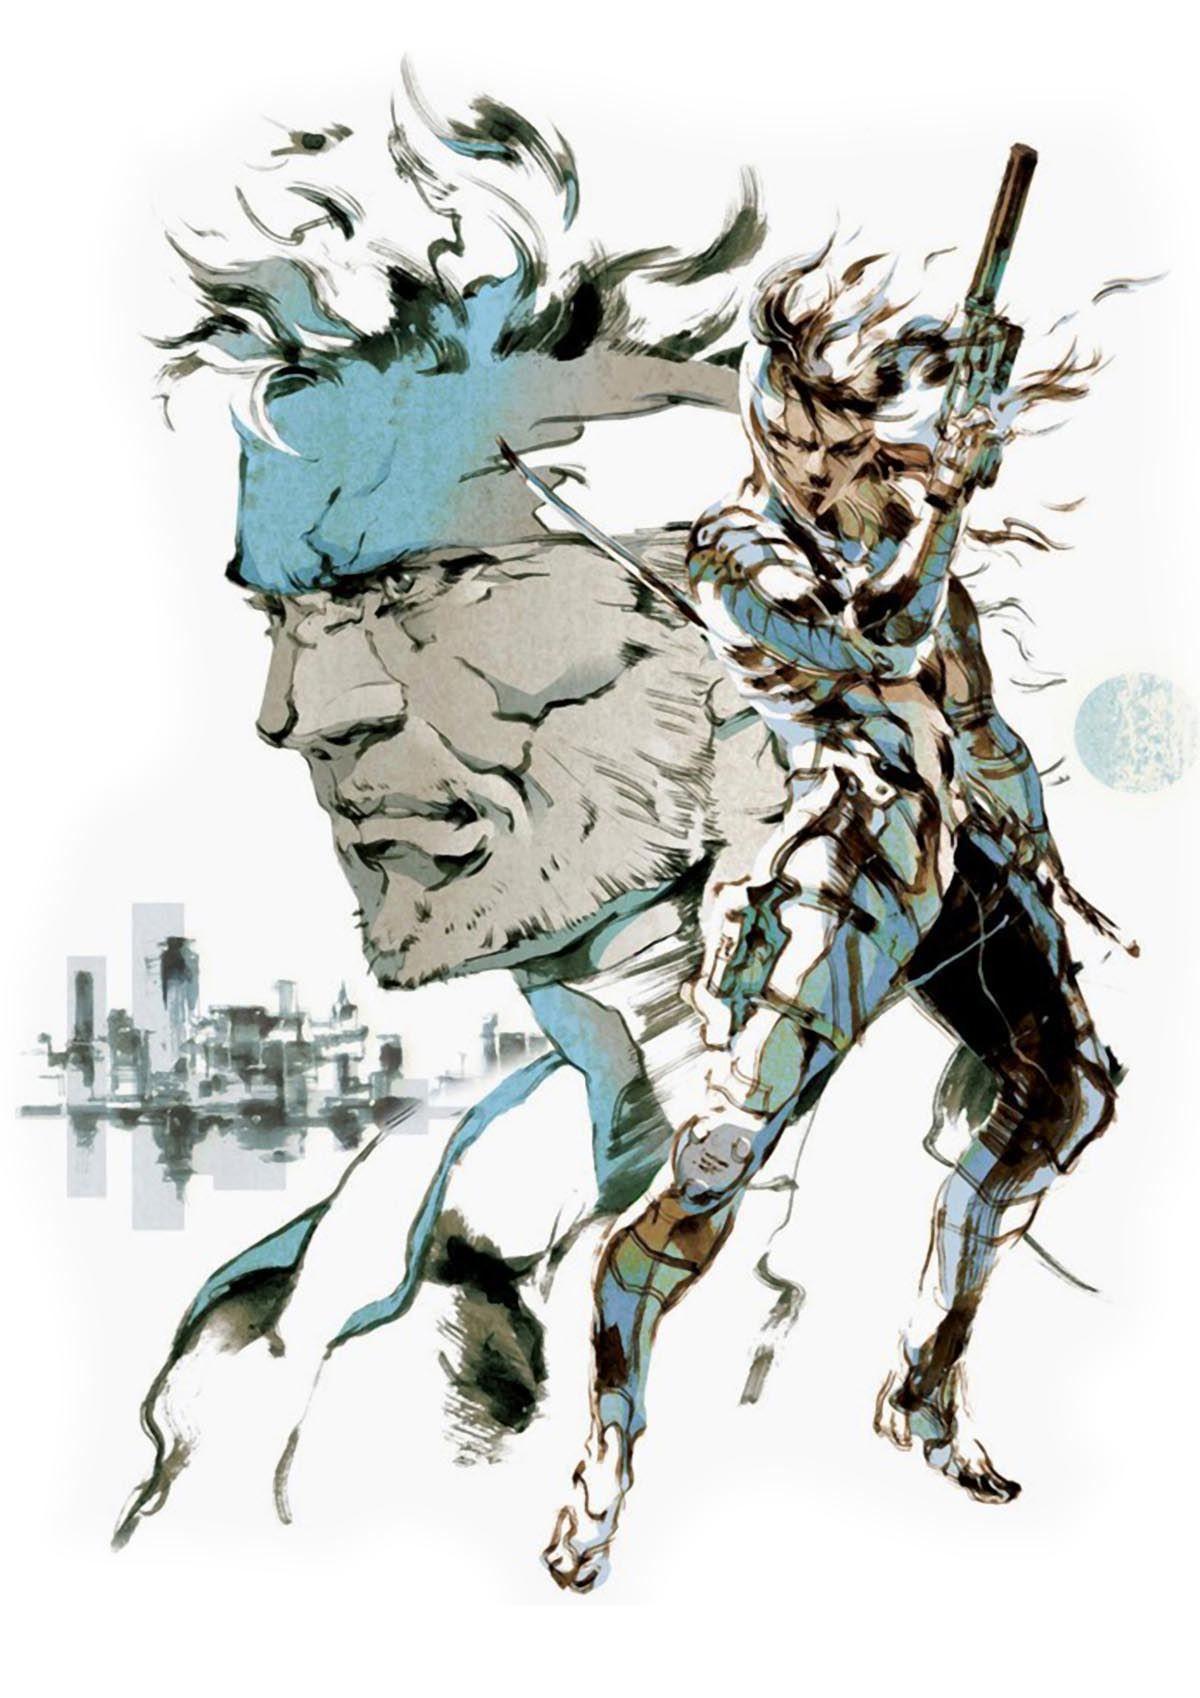 Metal Gear Solid Snake A3 Art Print Poster Yf5346 Ebay Metal Gear Solid Gear Art Metal Gear